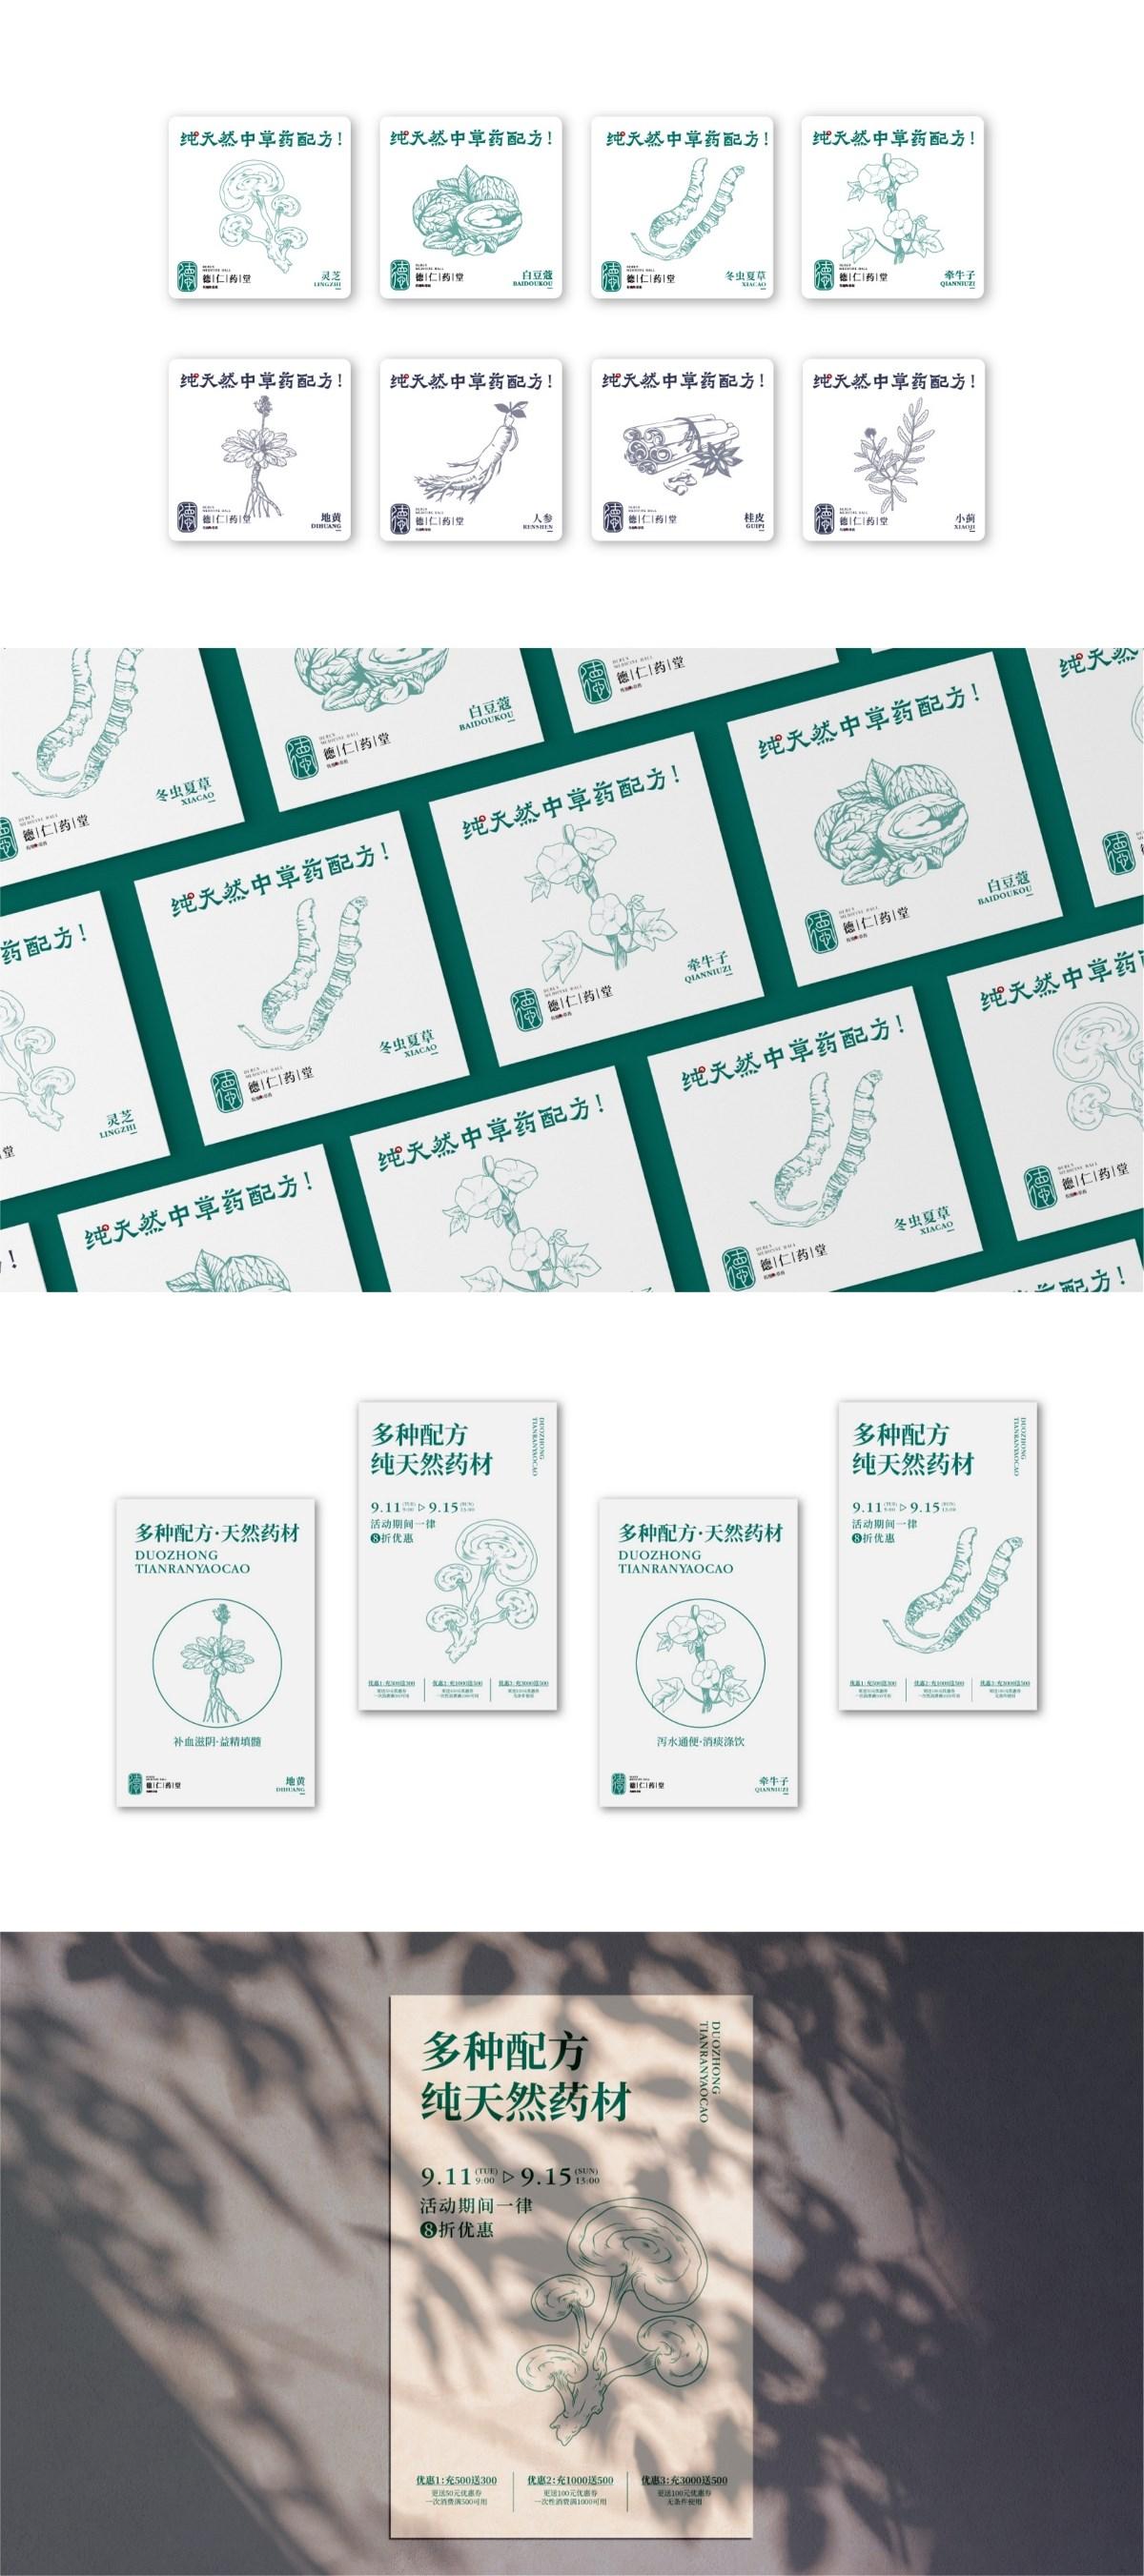 德仁药堂:品牌提案